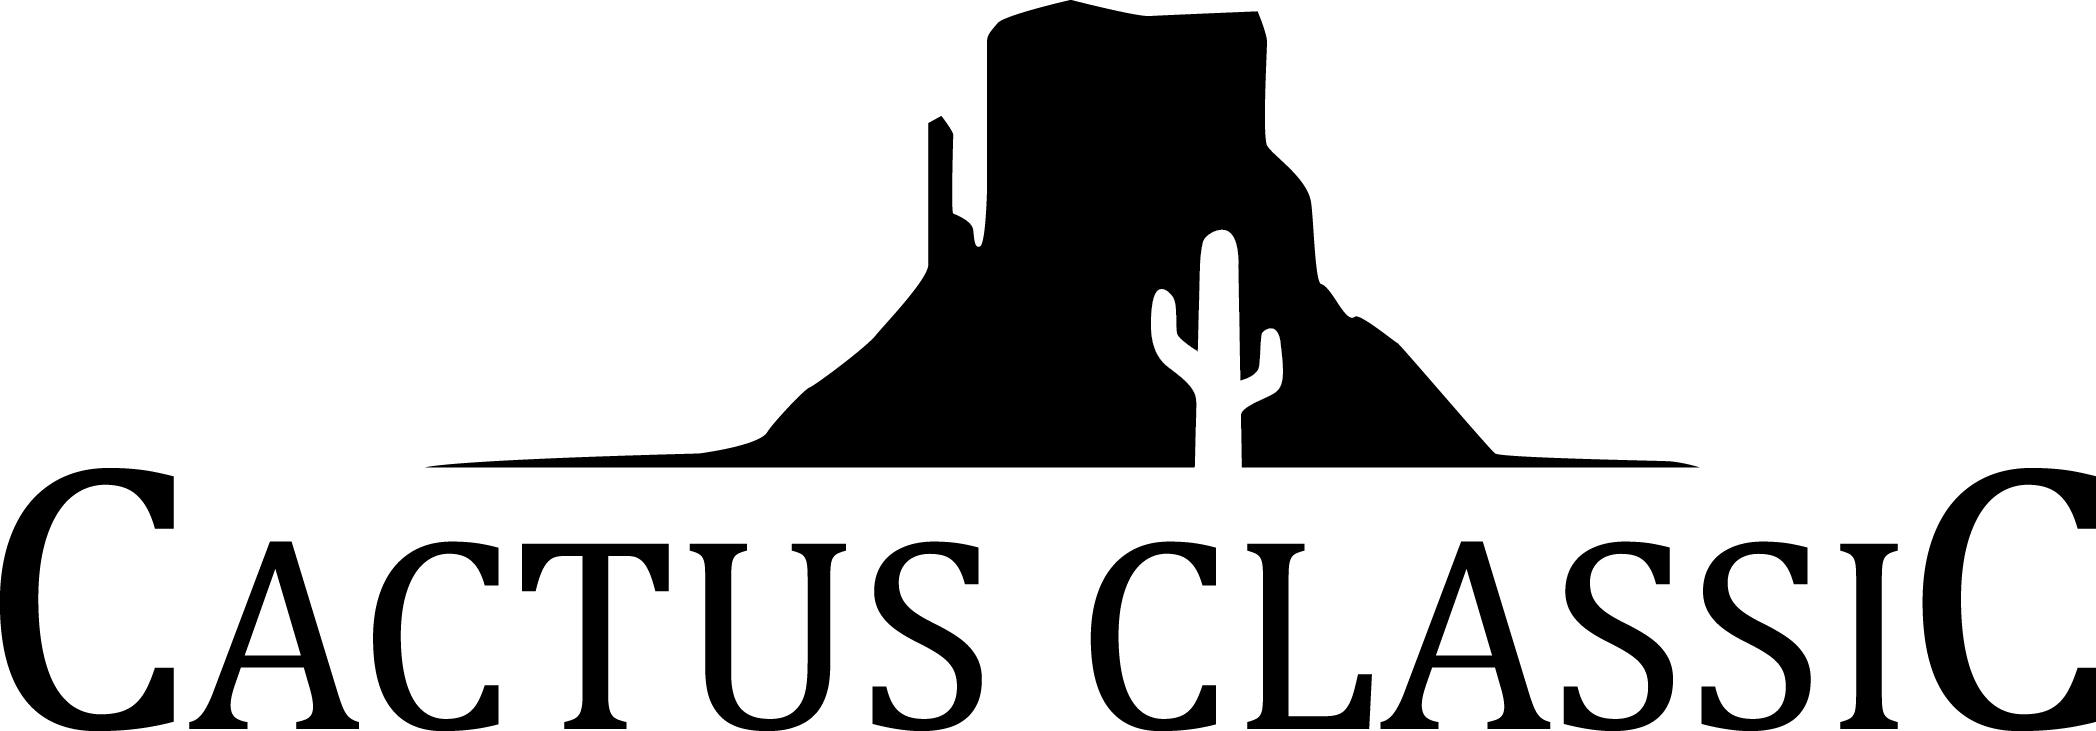 cactus-classic-logo